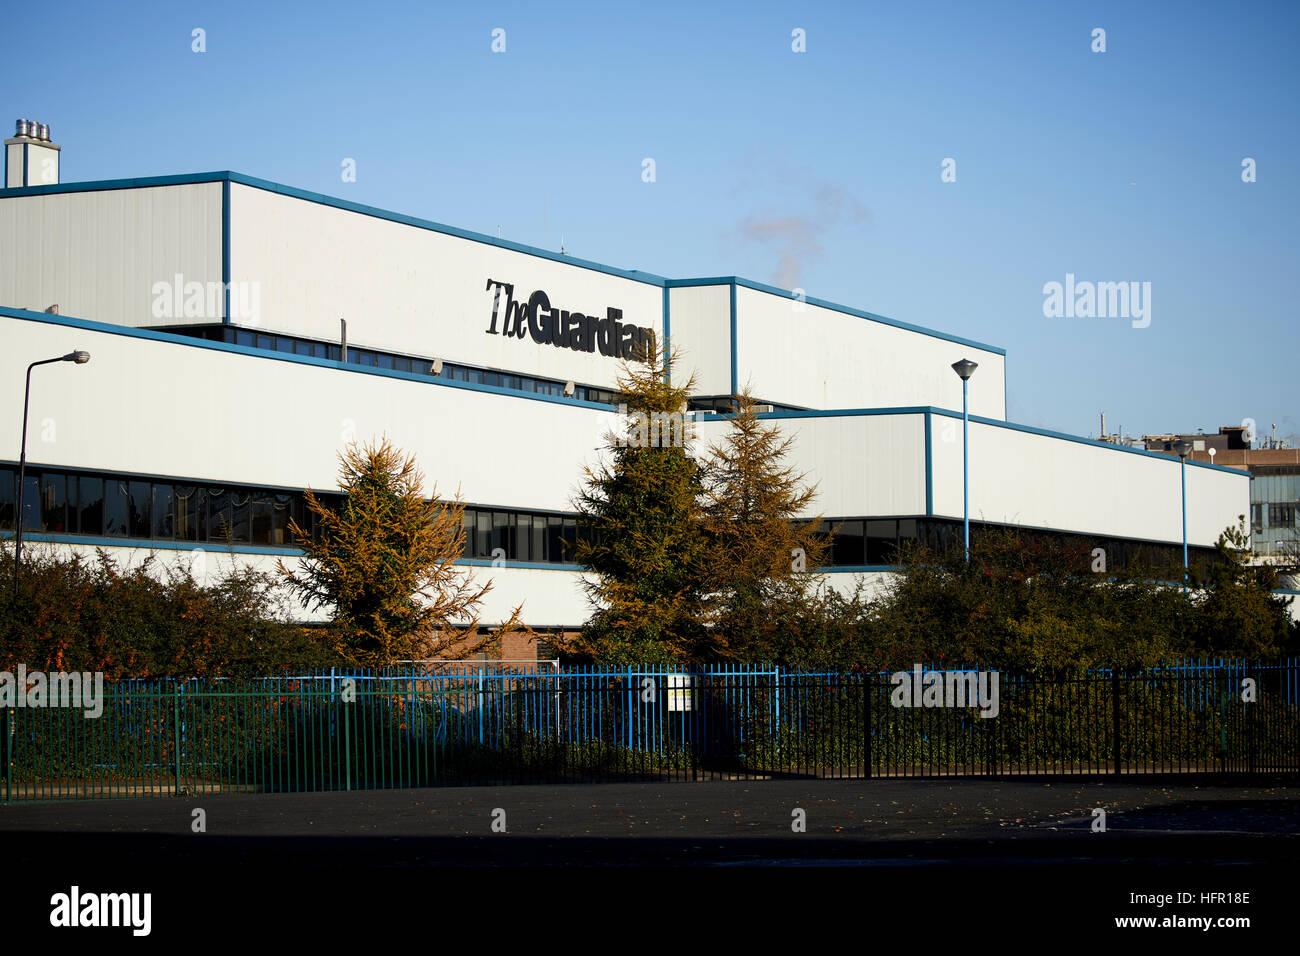 Trafford Park guardián exterior impresoras Guardian News & Media (GNM), el editor de The Guardian y el observador Foto de stock